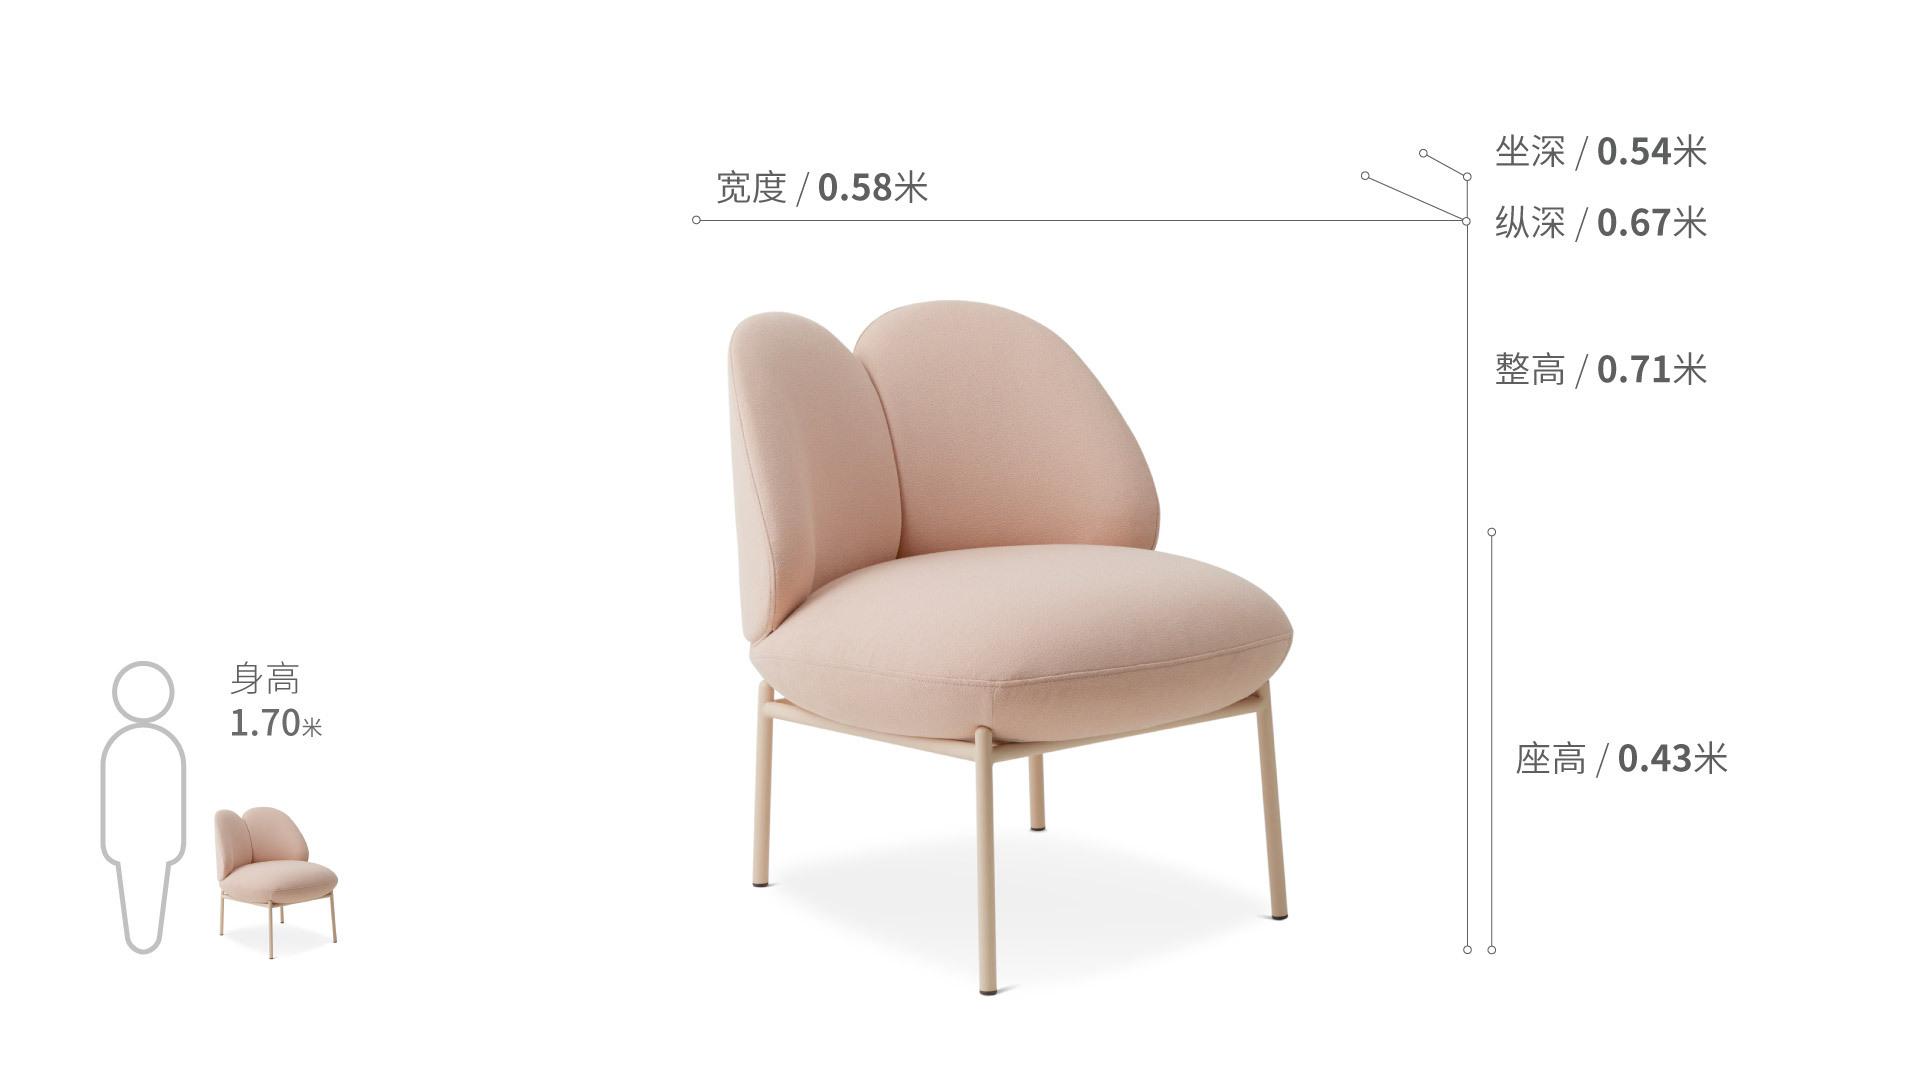 小圆领沙发椅®沙发效果图